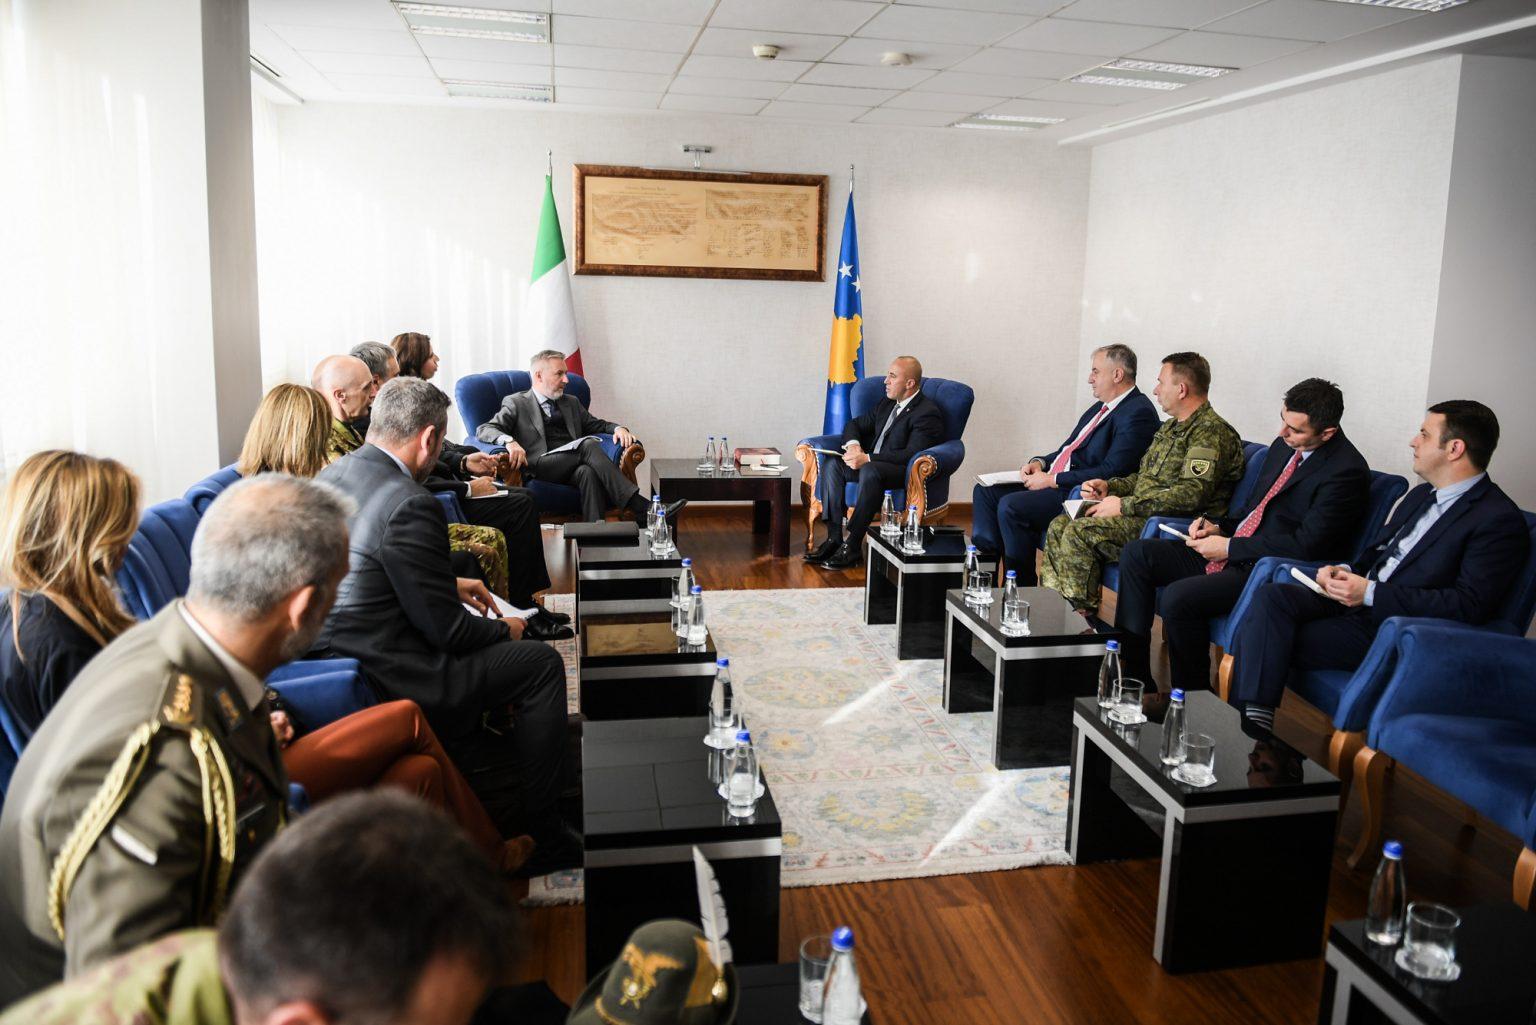 Italia e gatshme për partneritet të mirëfilltë me Kosovën